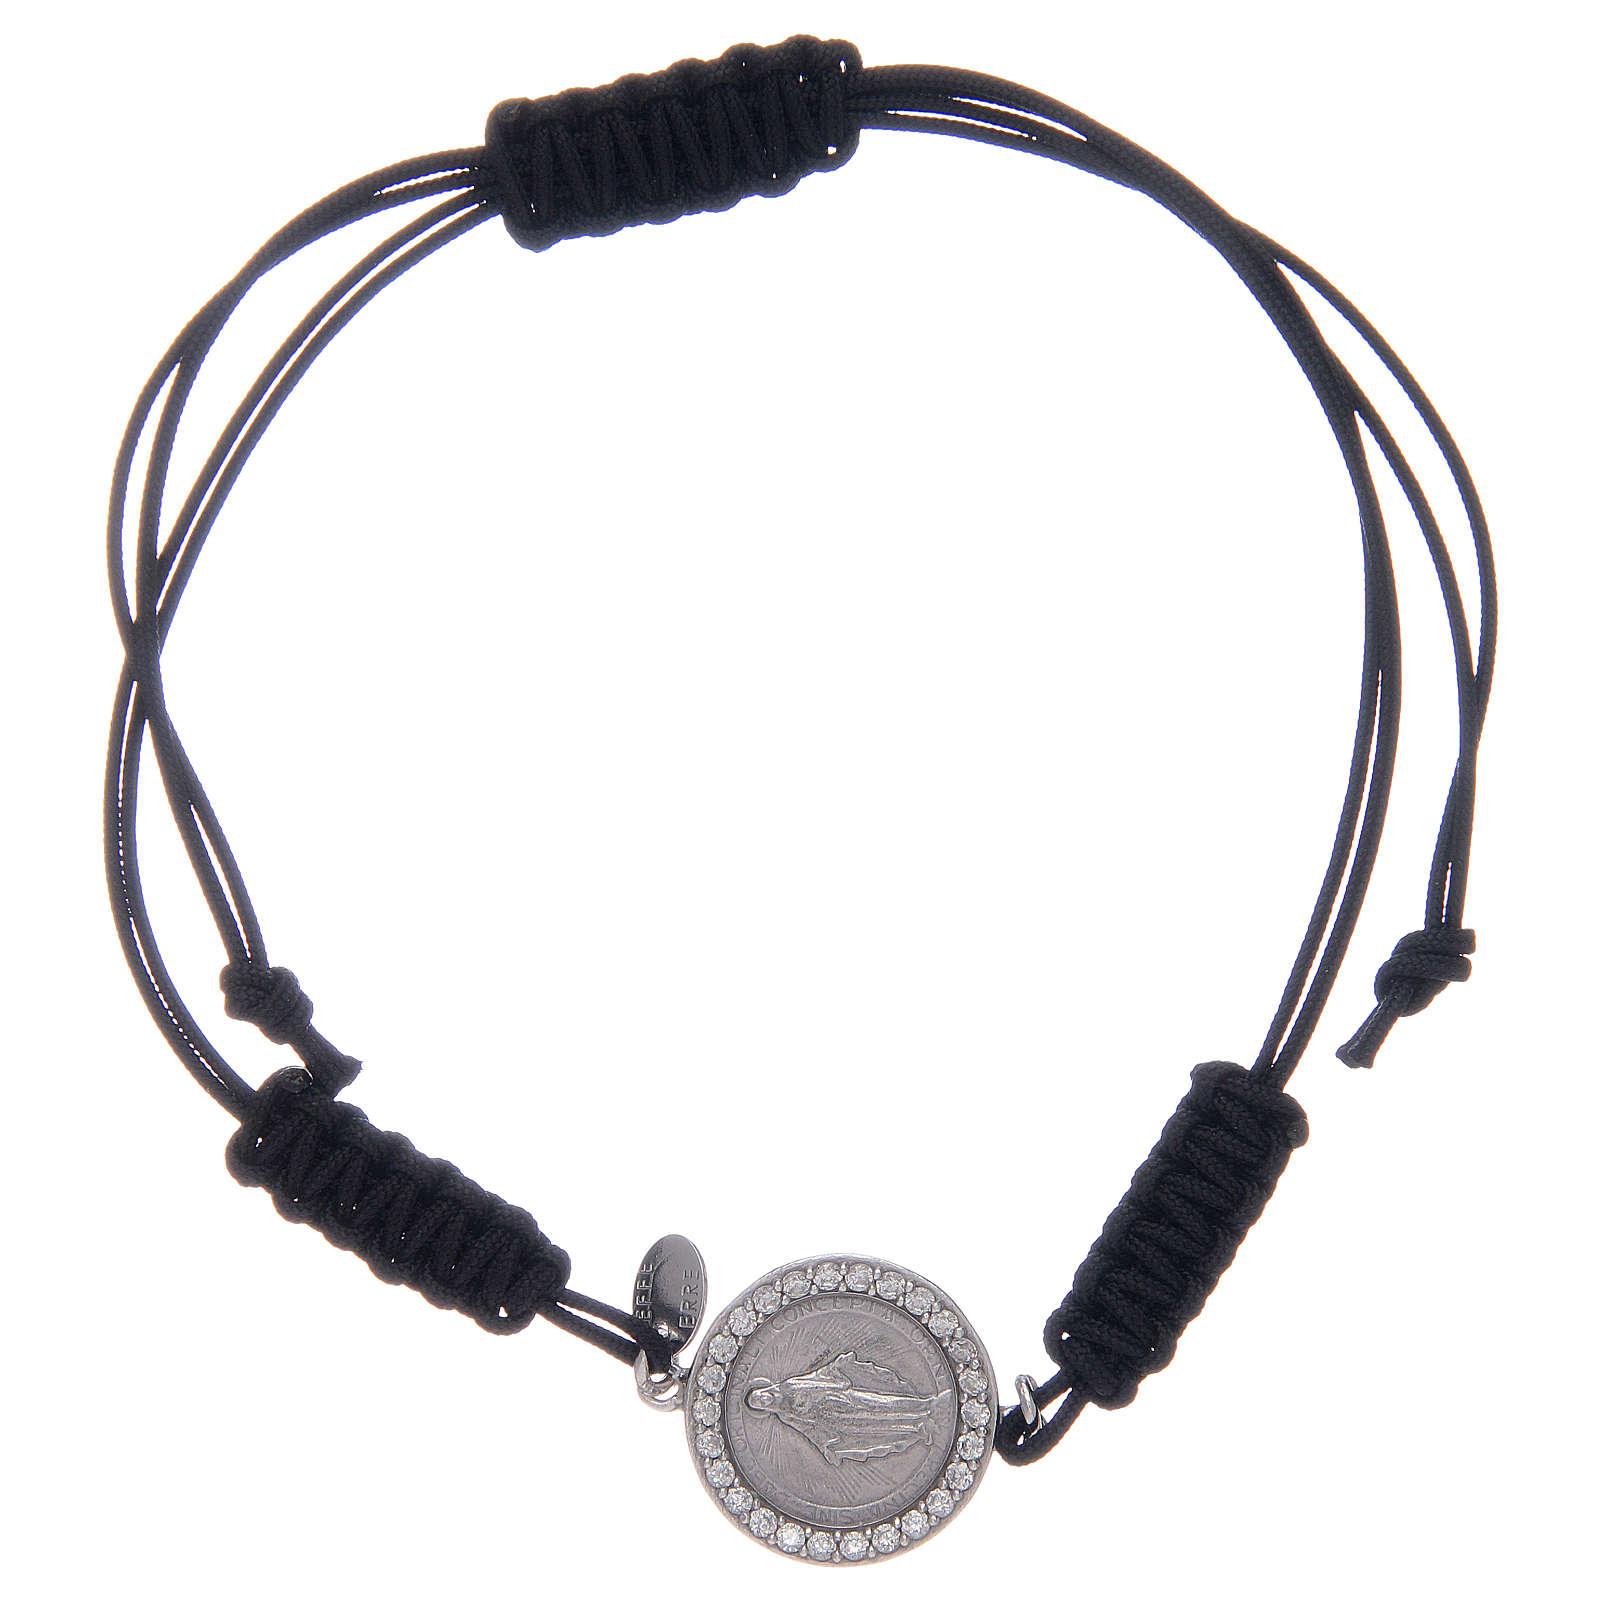 Pulsera cuerda Medalla Milagrosa plata 925 4